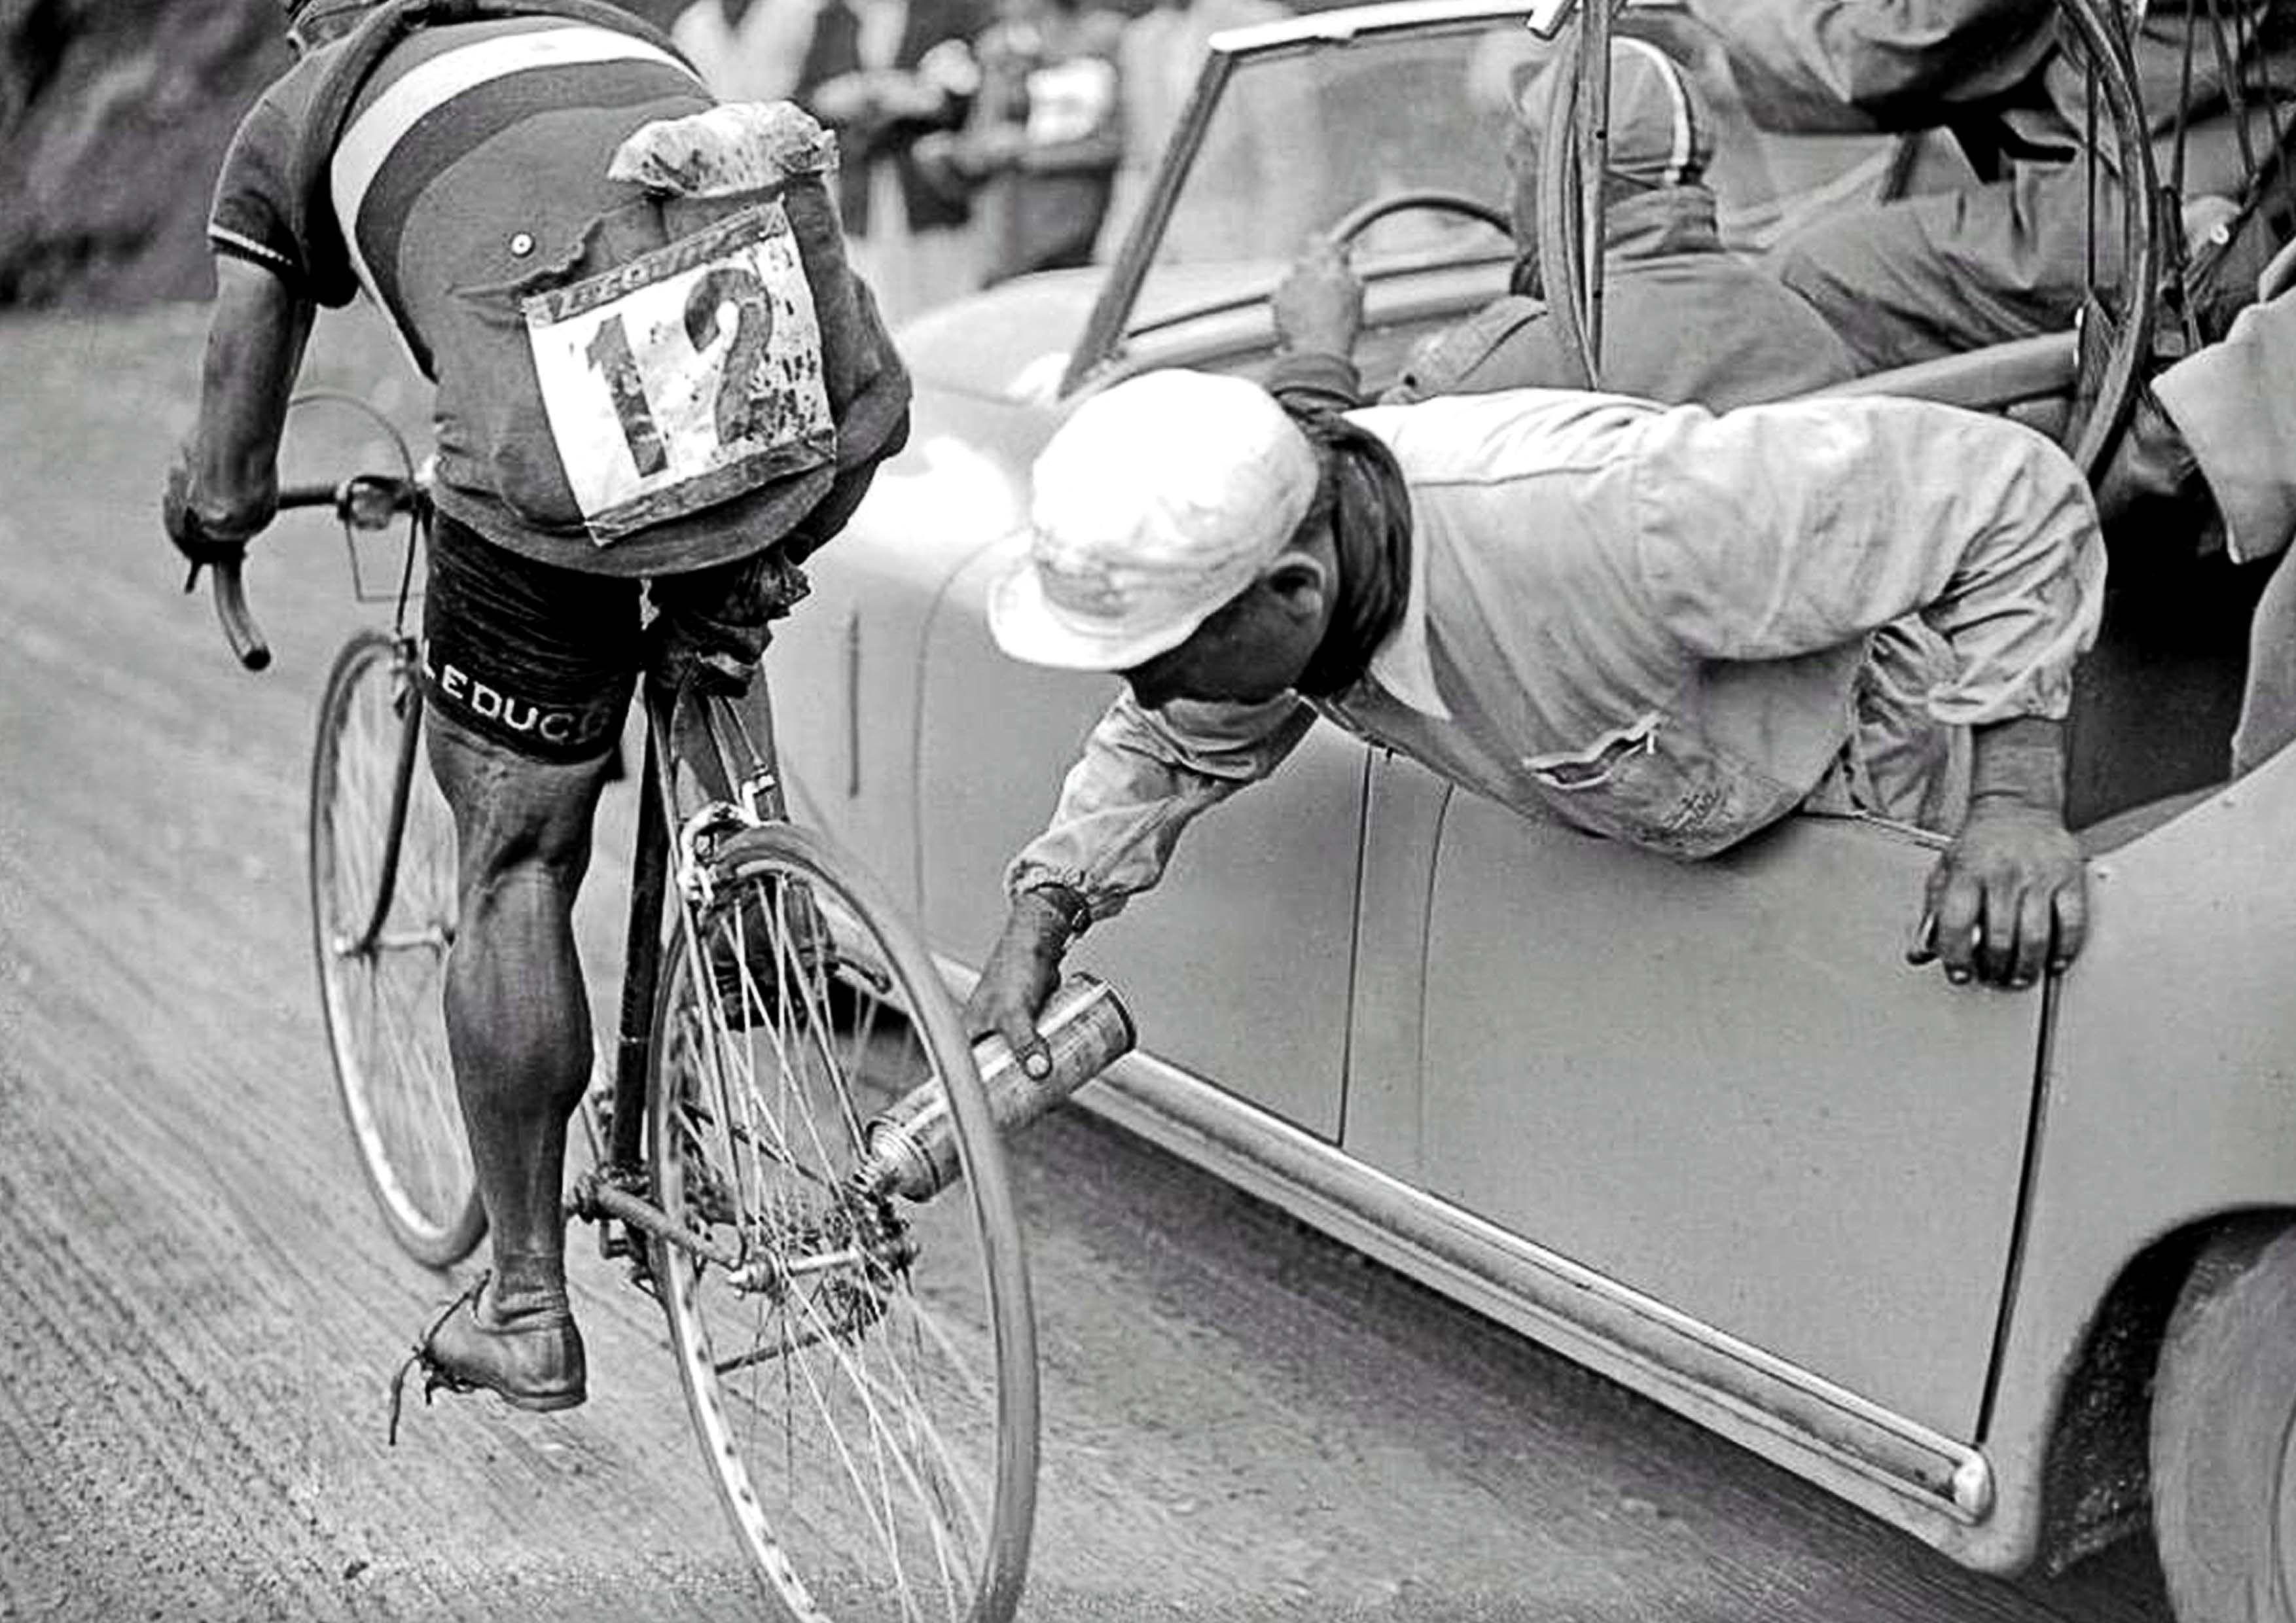 Mejor ciclista de la historia - Página 5 E6569406bc03c961c2e528284887480d